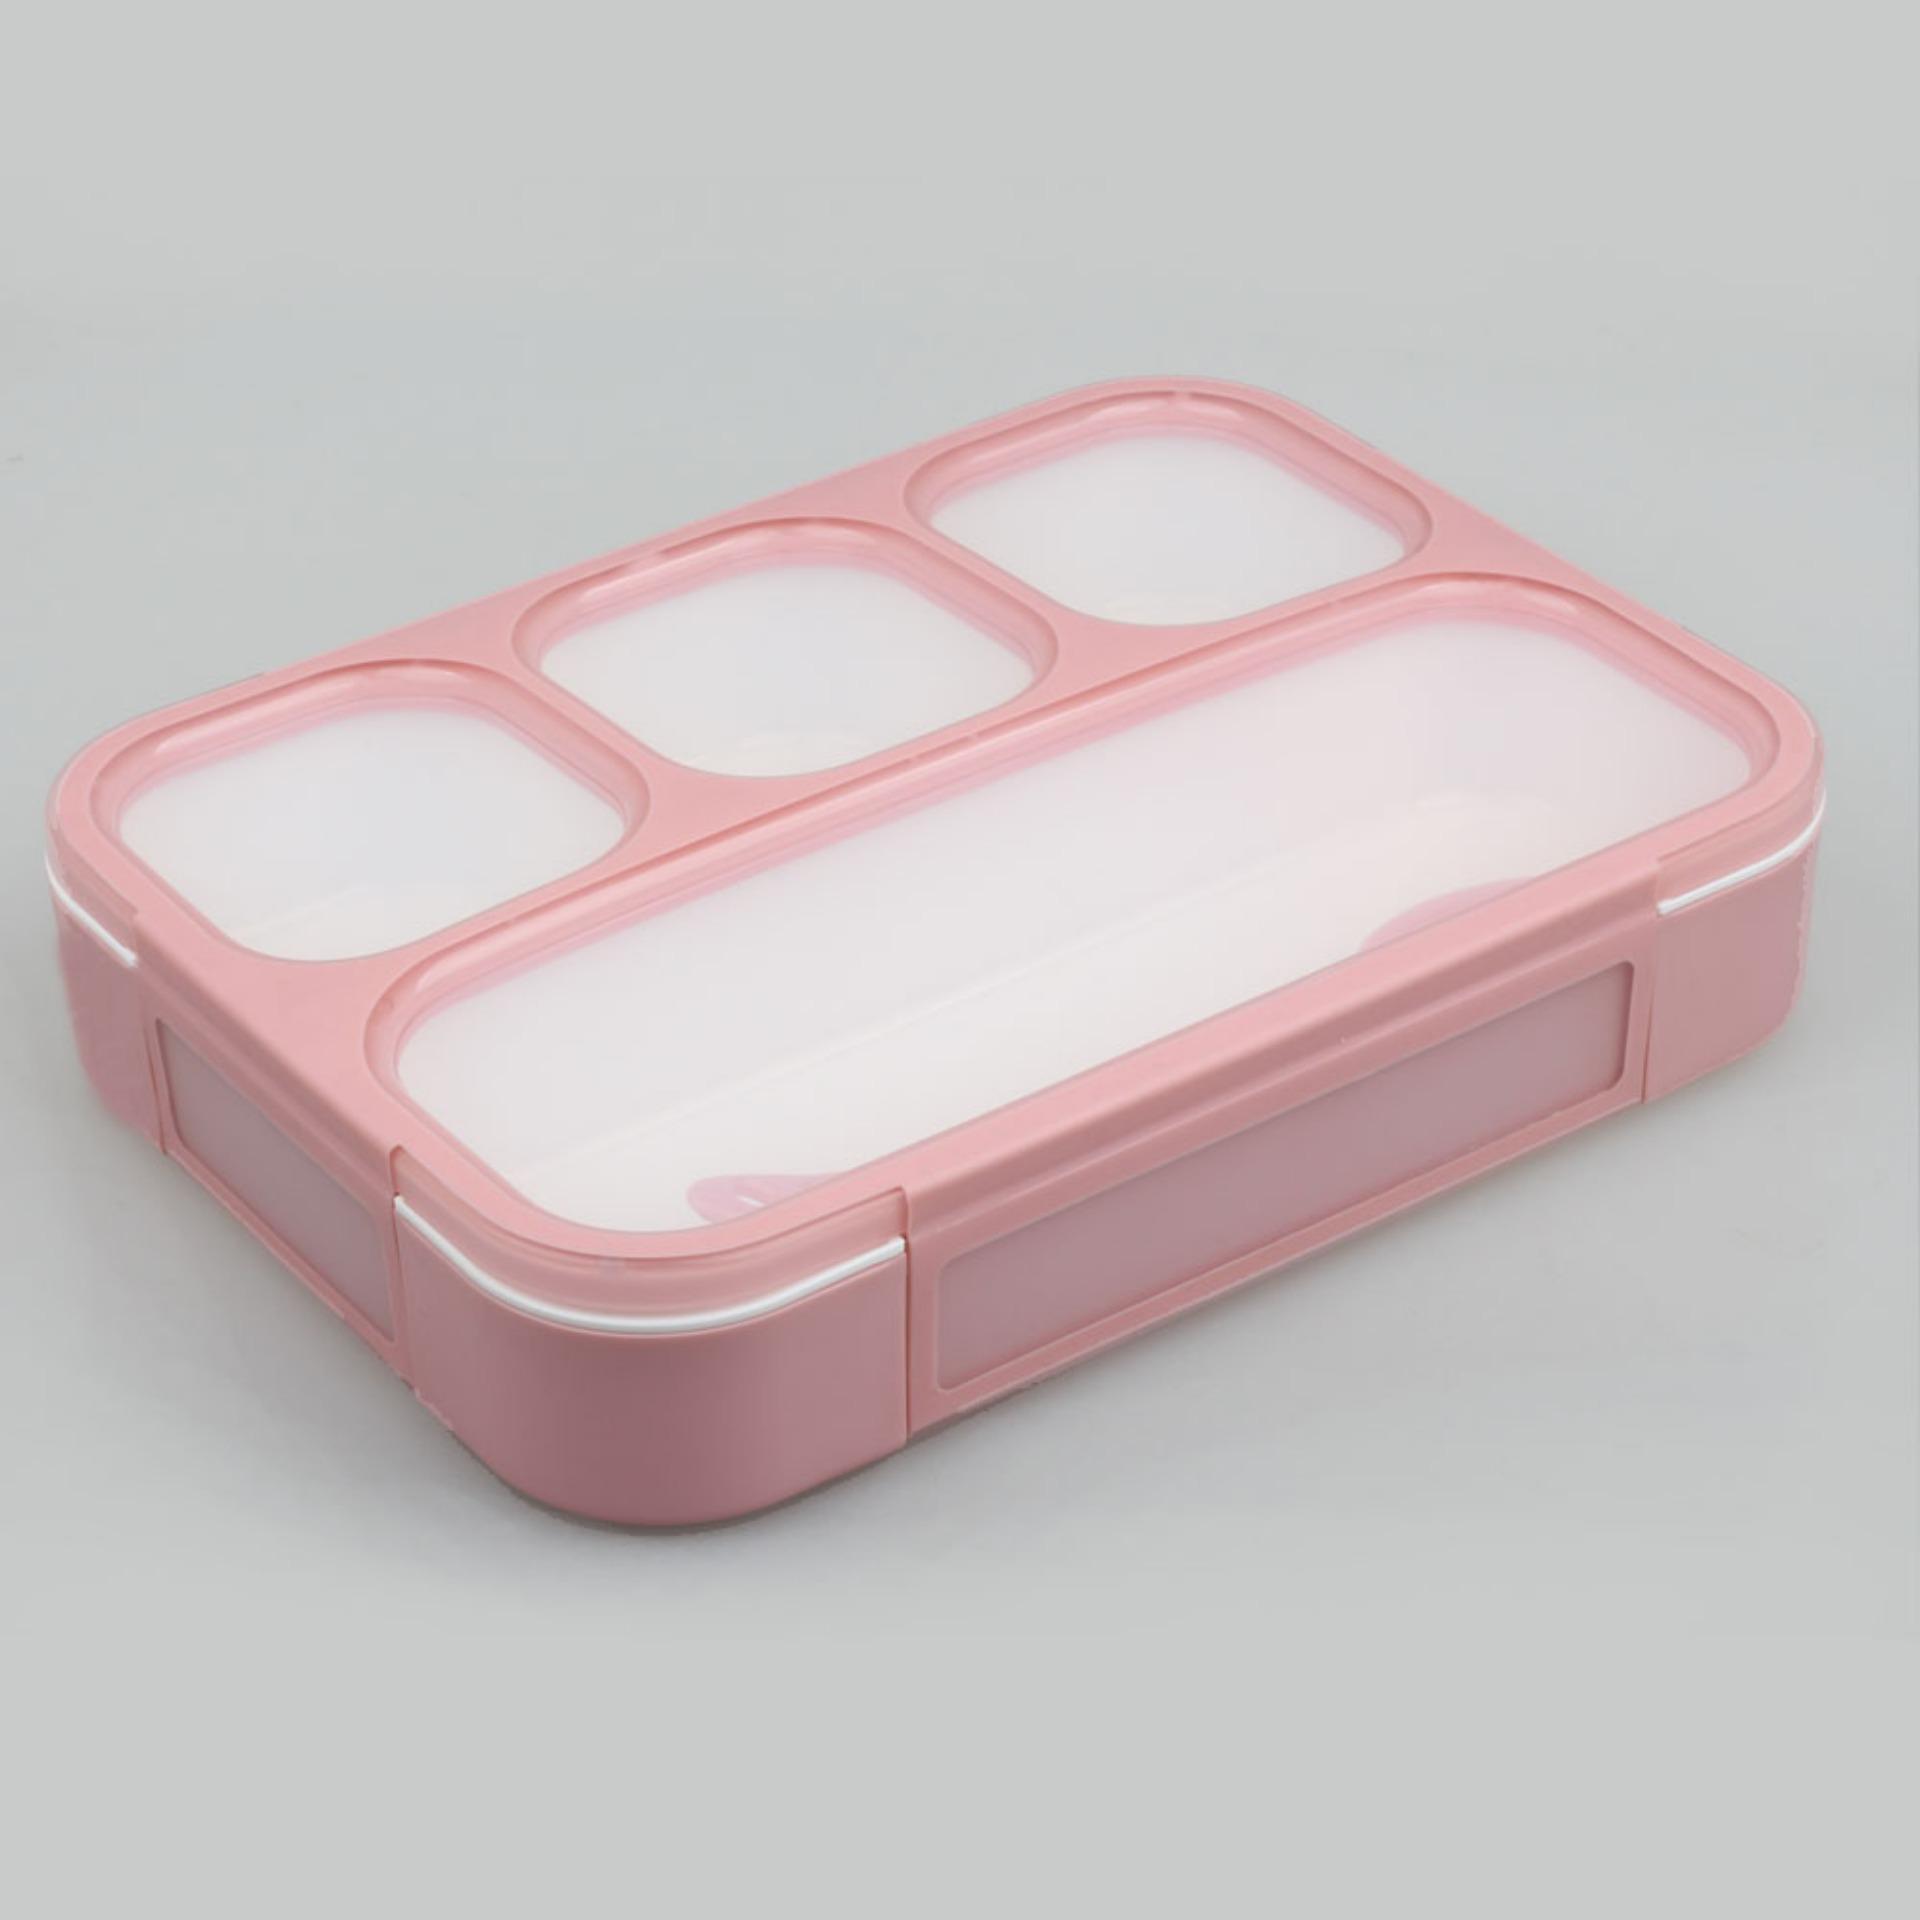 Yooyee Kotak Makan Grid Bento Lunch Box 4 Sekat Anti Bocor